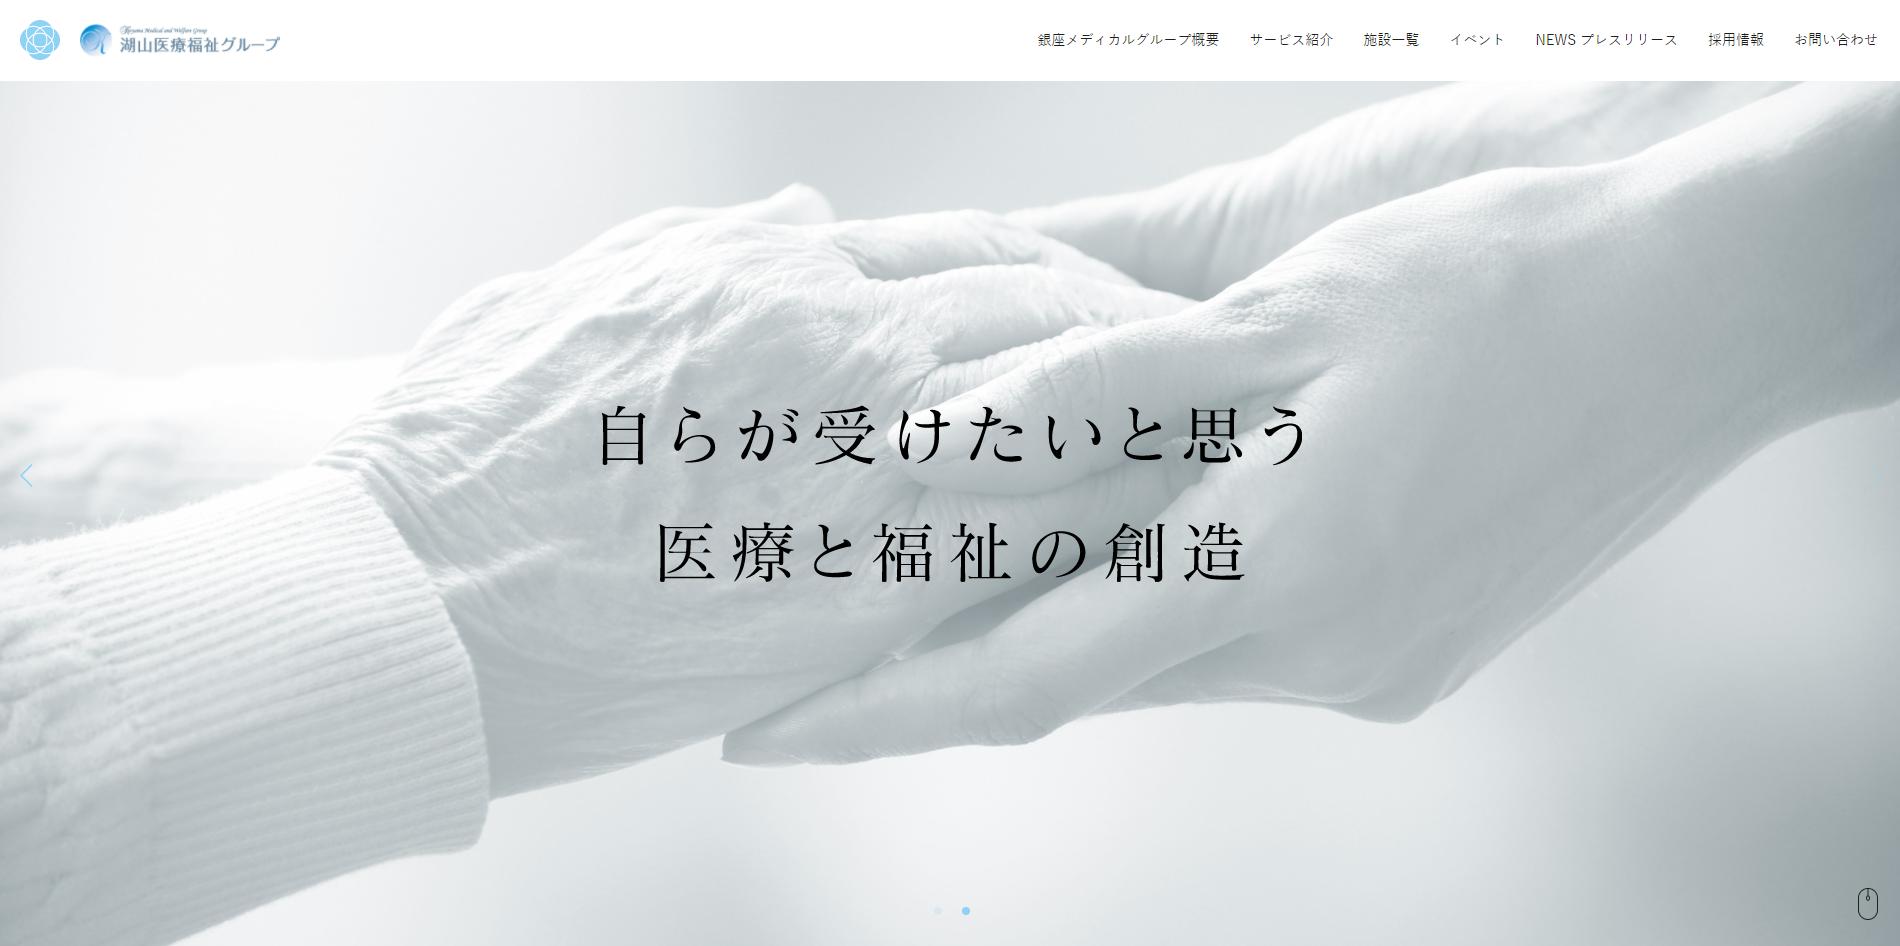 ホームページ制作実績株式会社 銀座メディカルHP制作